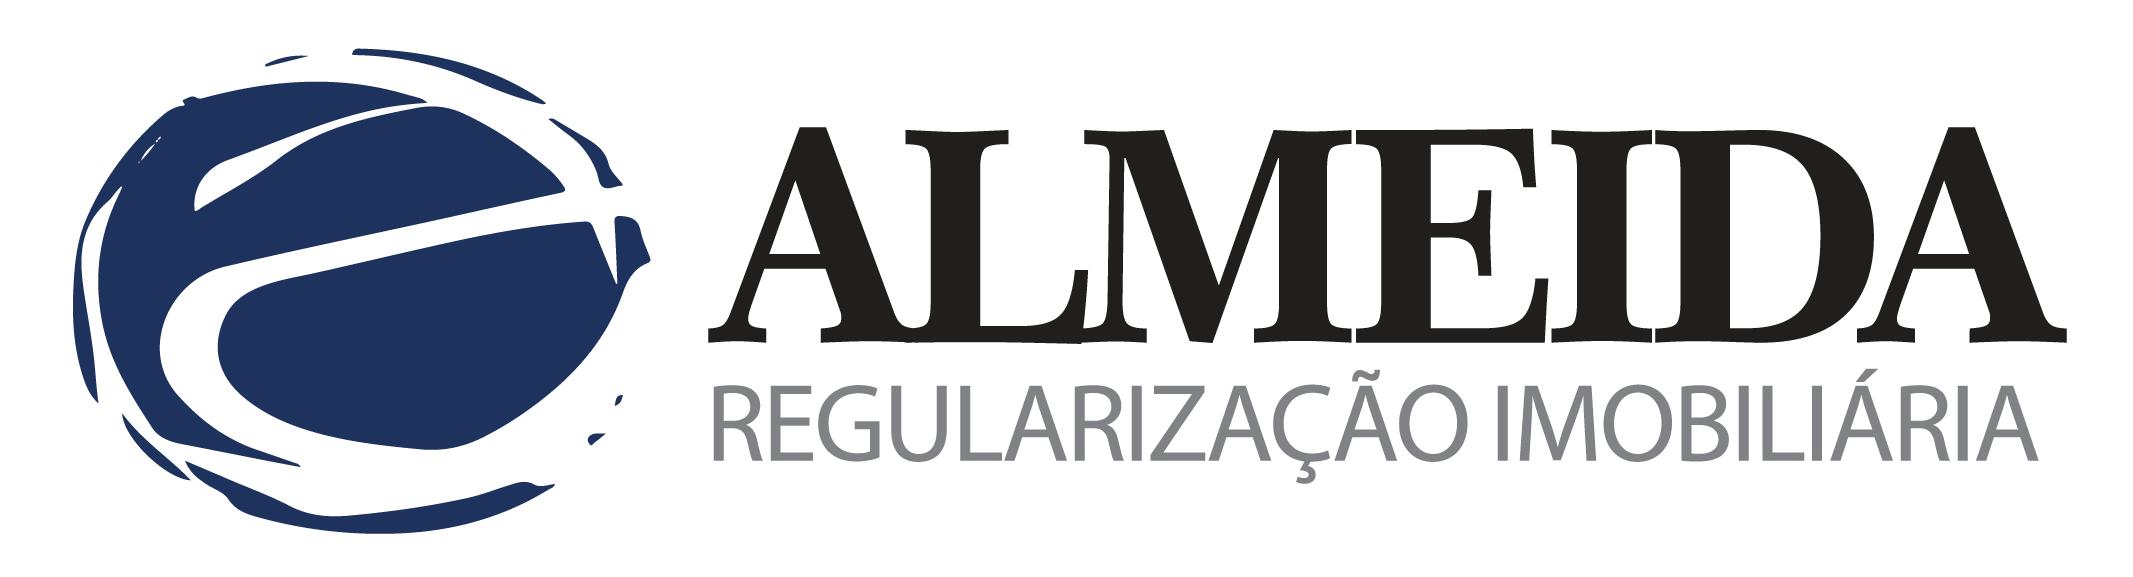 Regularização Imobiliária – Almeida